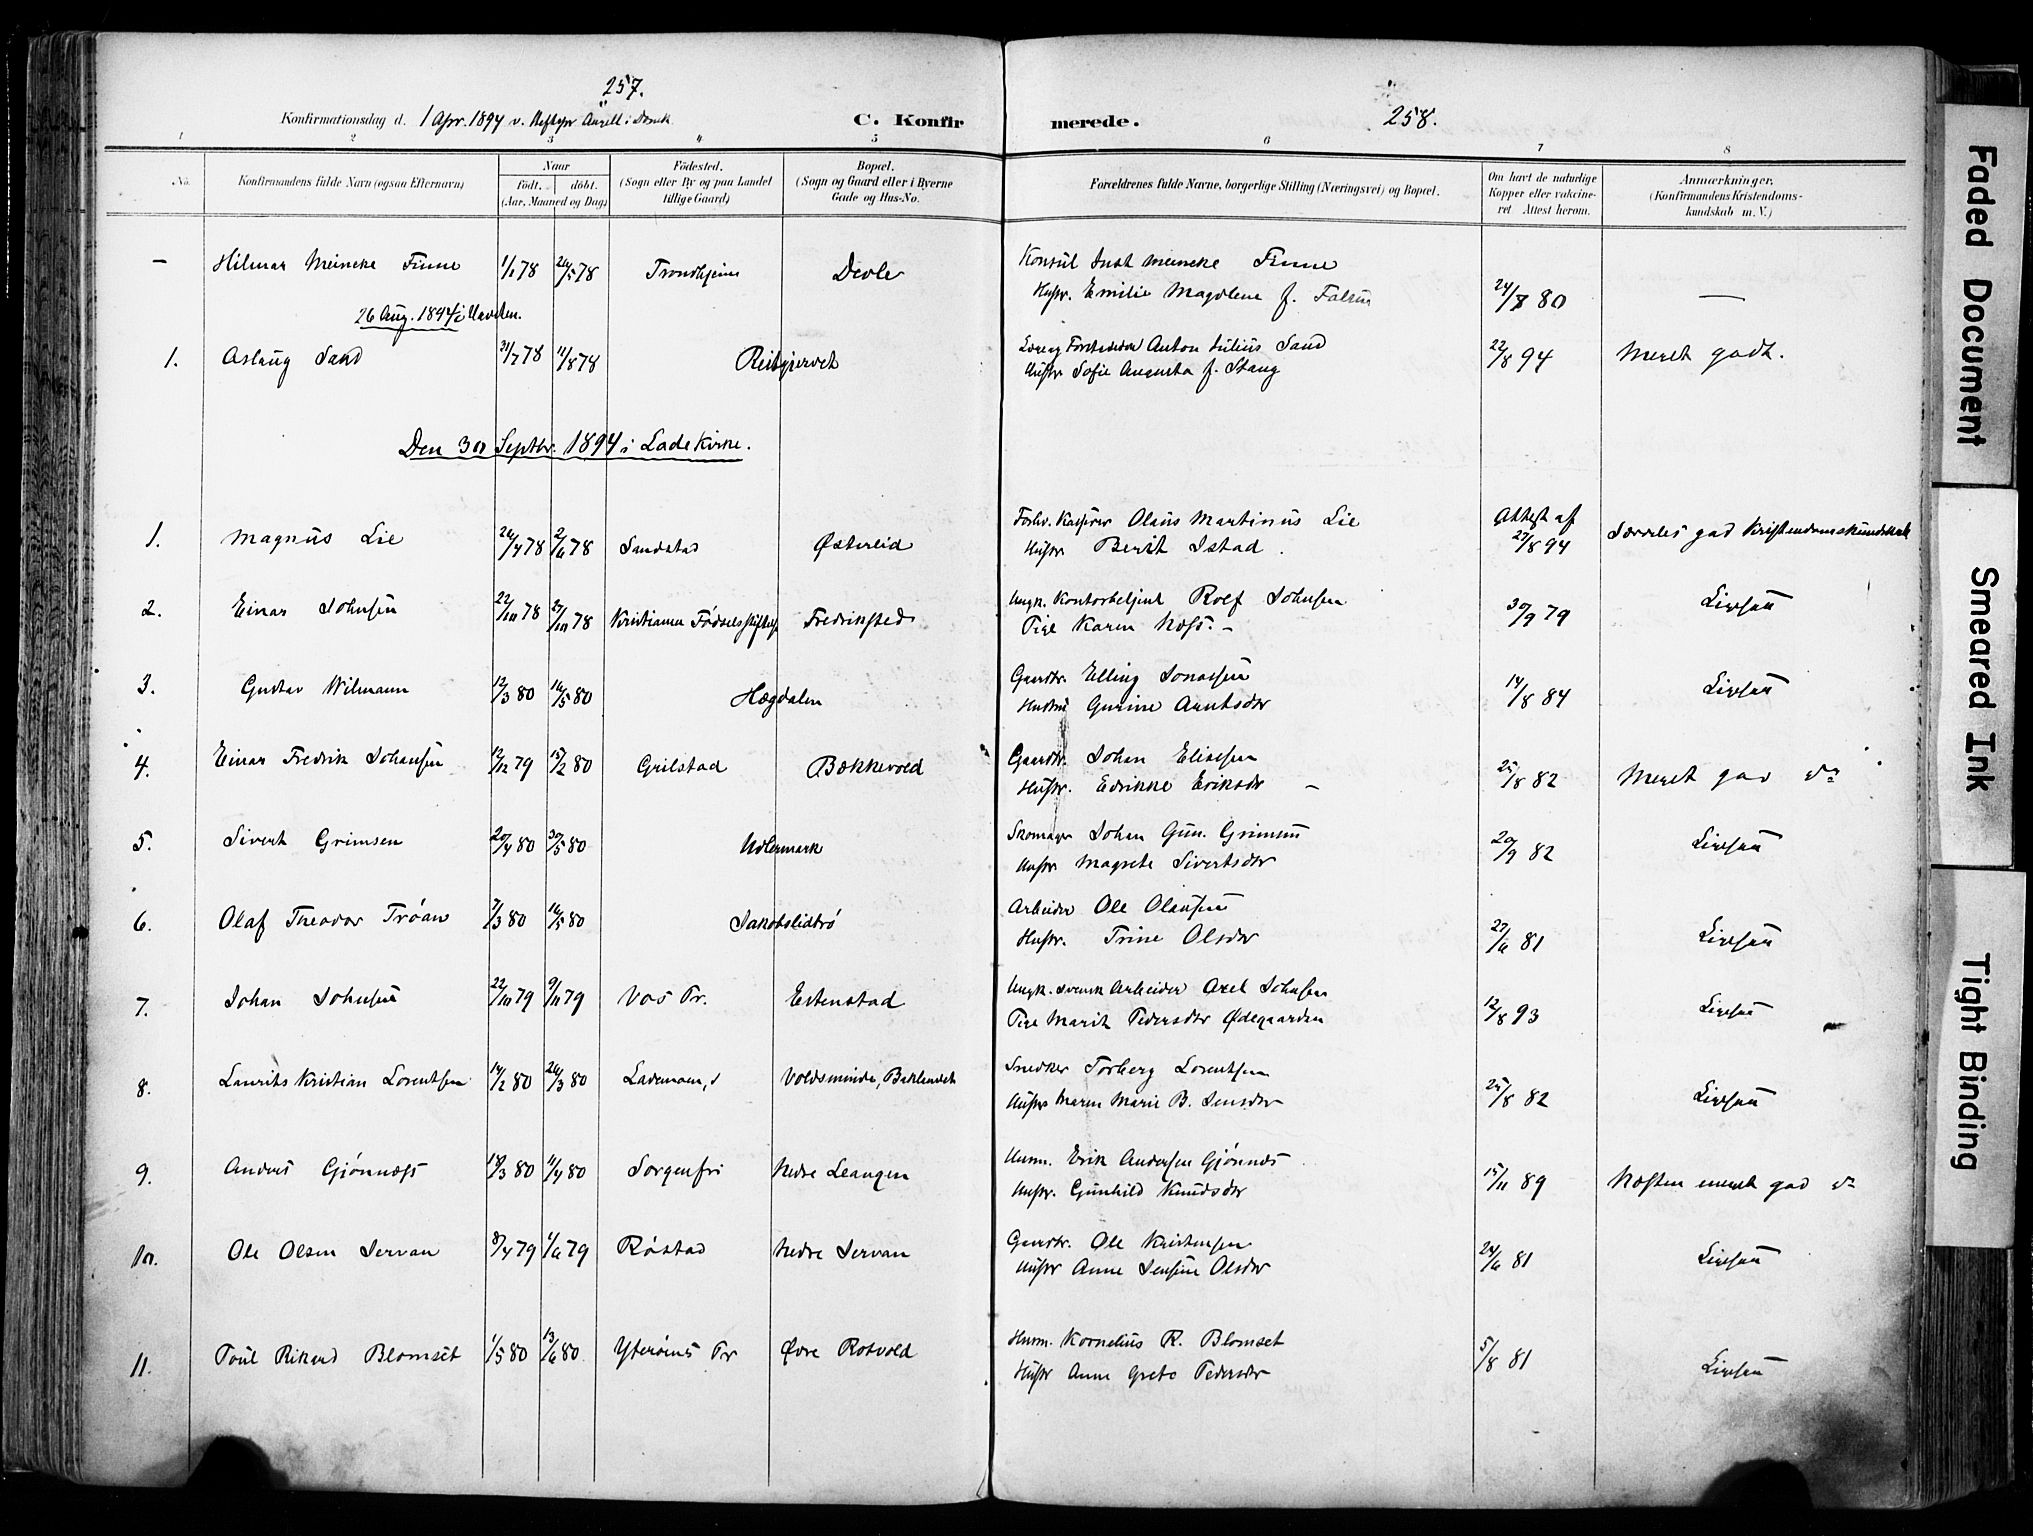 SAT, Ministerialprotokoller, klokkerbøker og fødselsregistre - Sør-Trøndelag, 606/L0301: Ministerialbok nr. 606A16, 1894-1907, s. 257-258